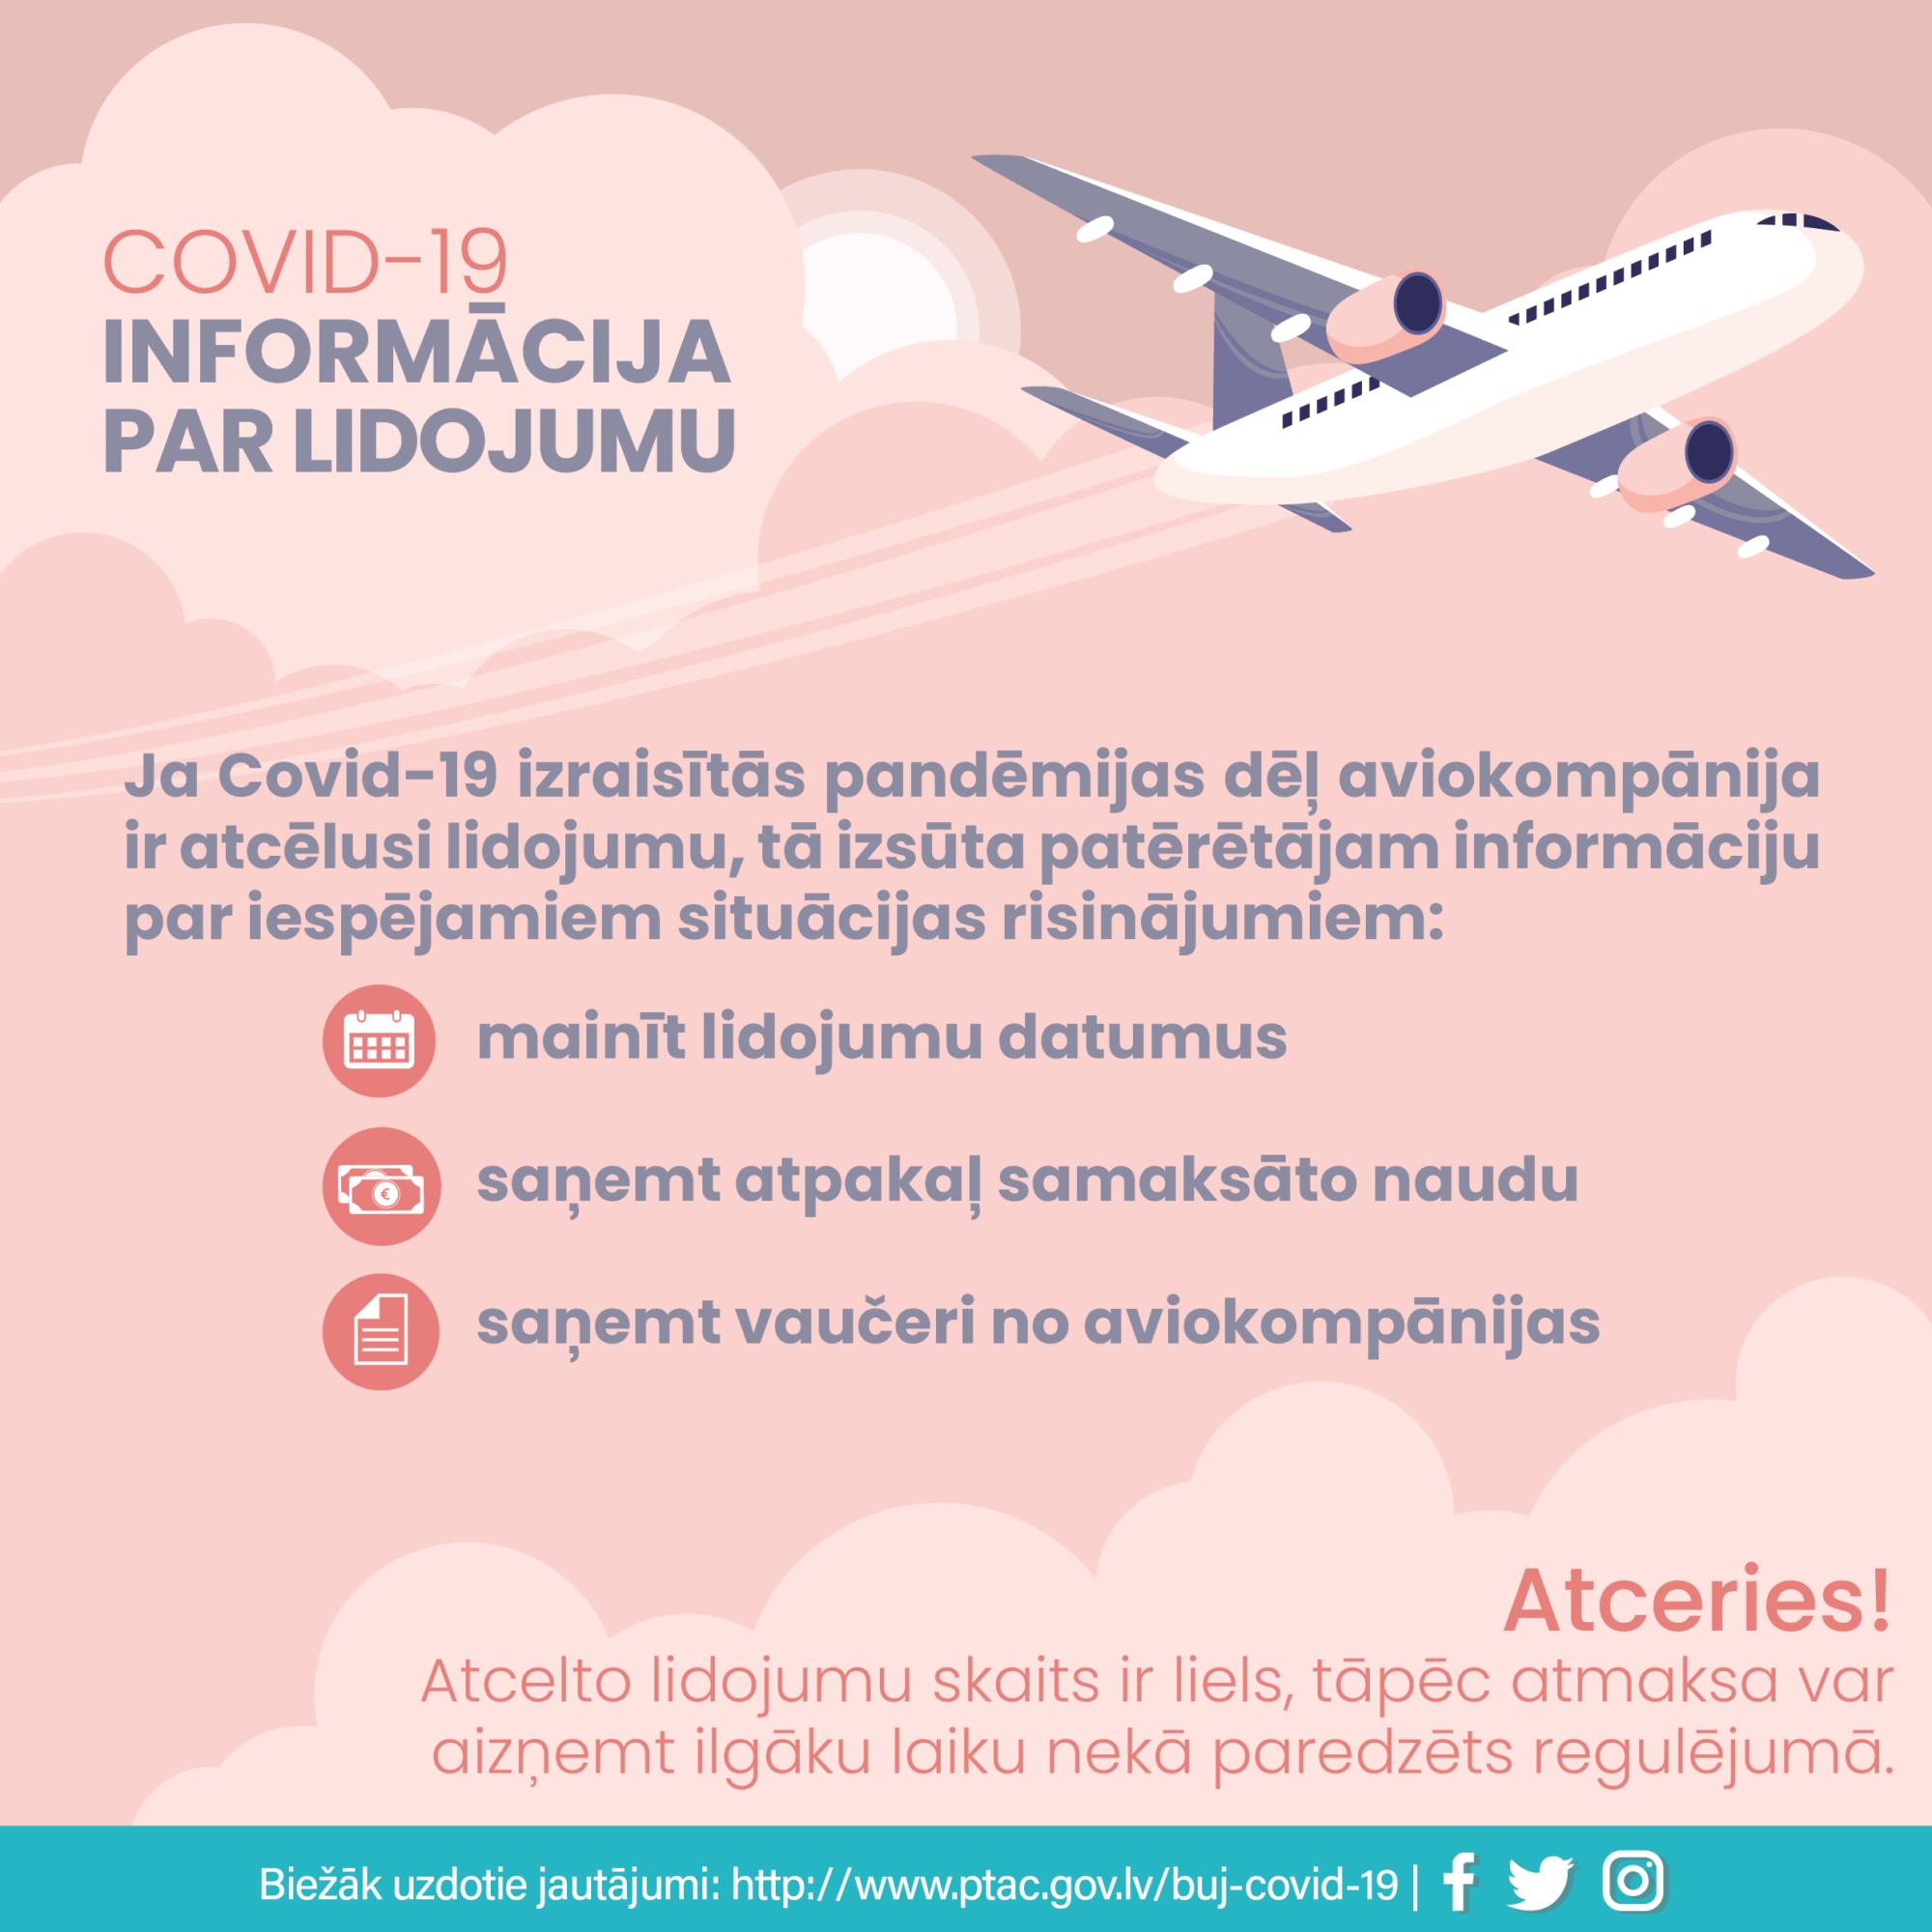 Отложены авиарейсы — как действовать